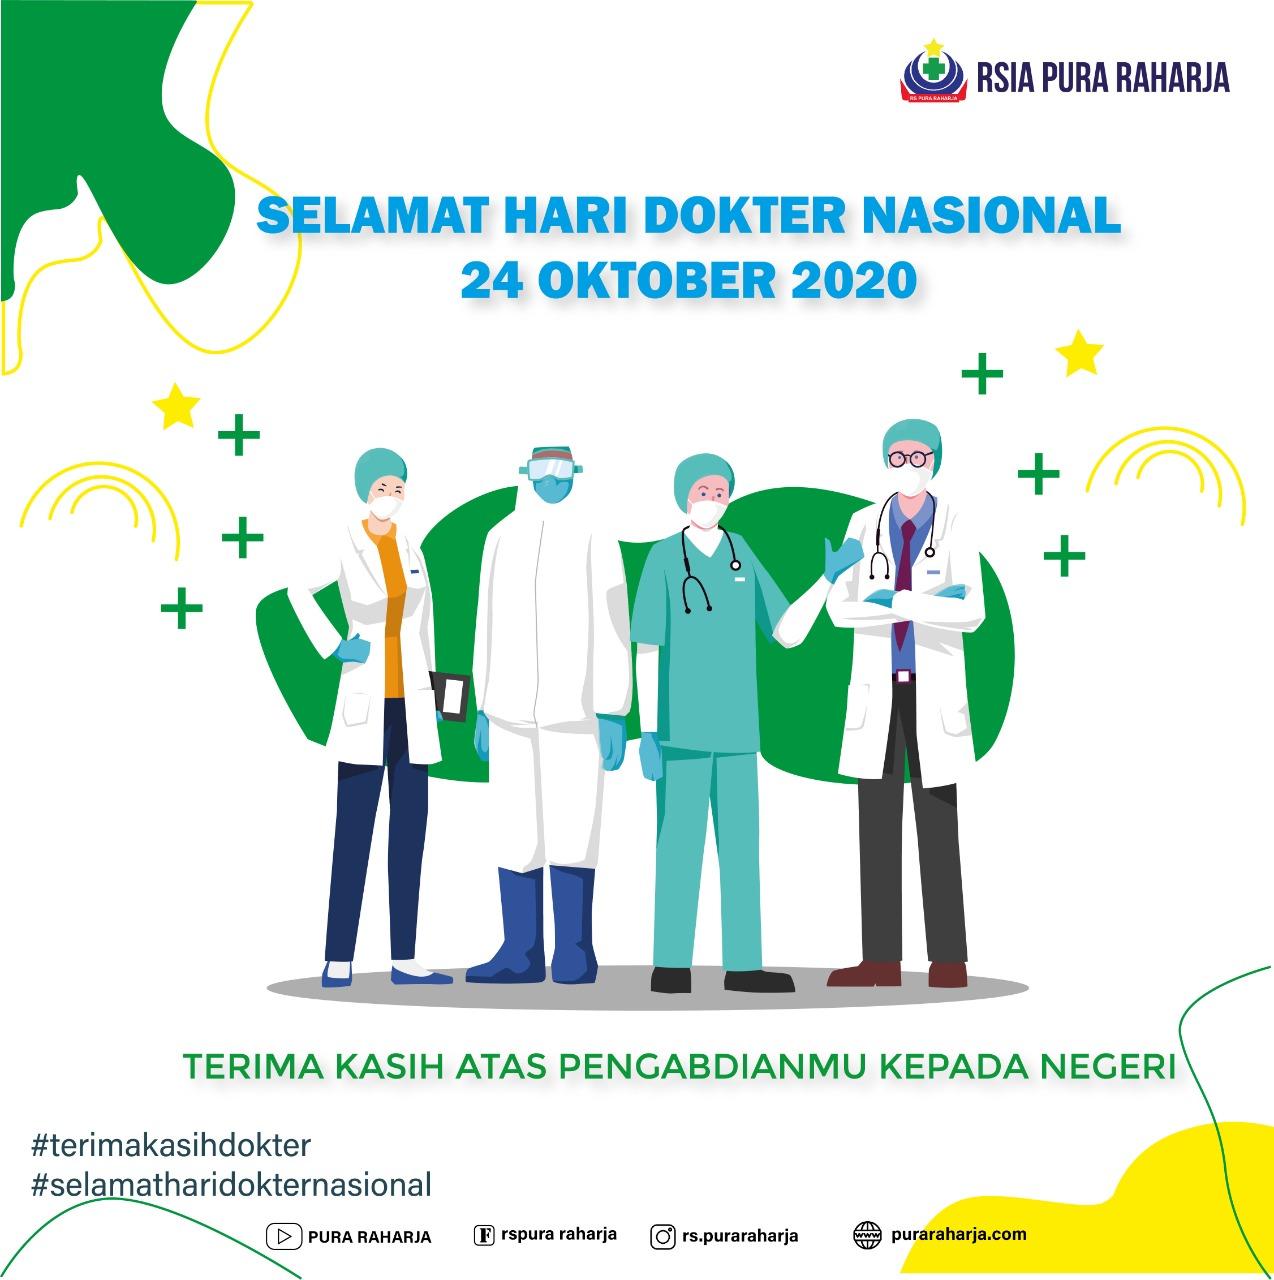 Selamat Hari Dokter Nasional